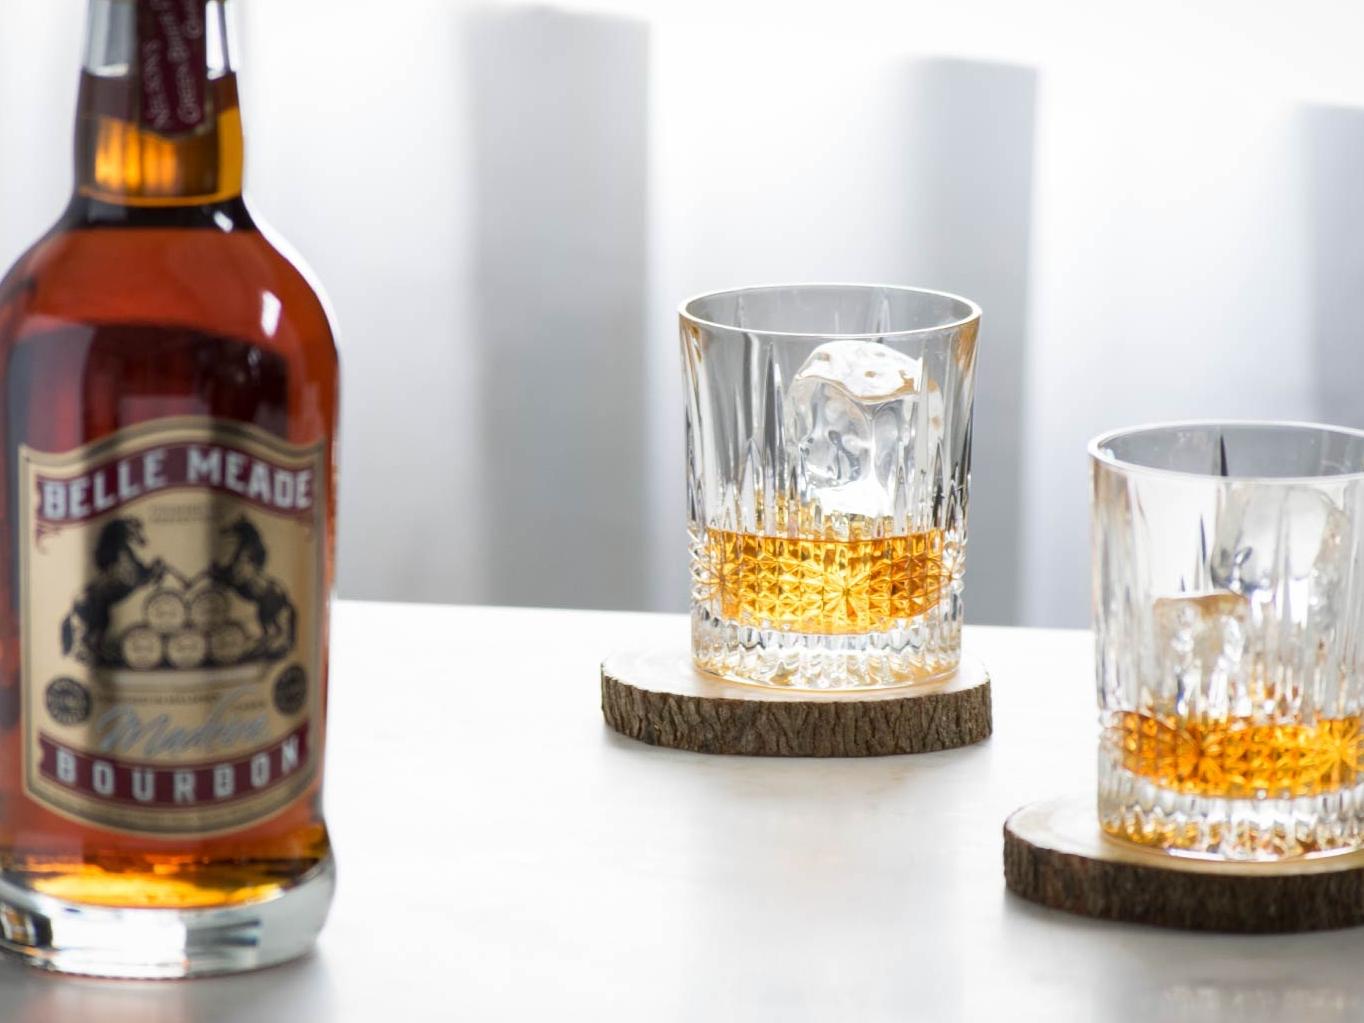 Madeira Cask Belle Meade Bourbon.jpg